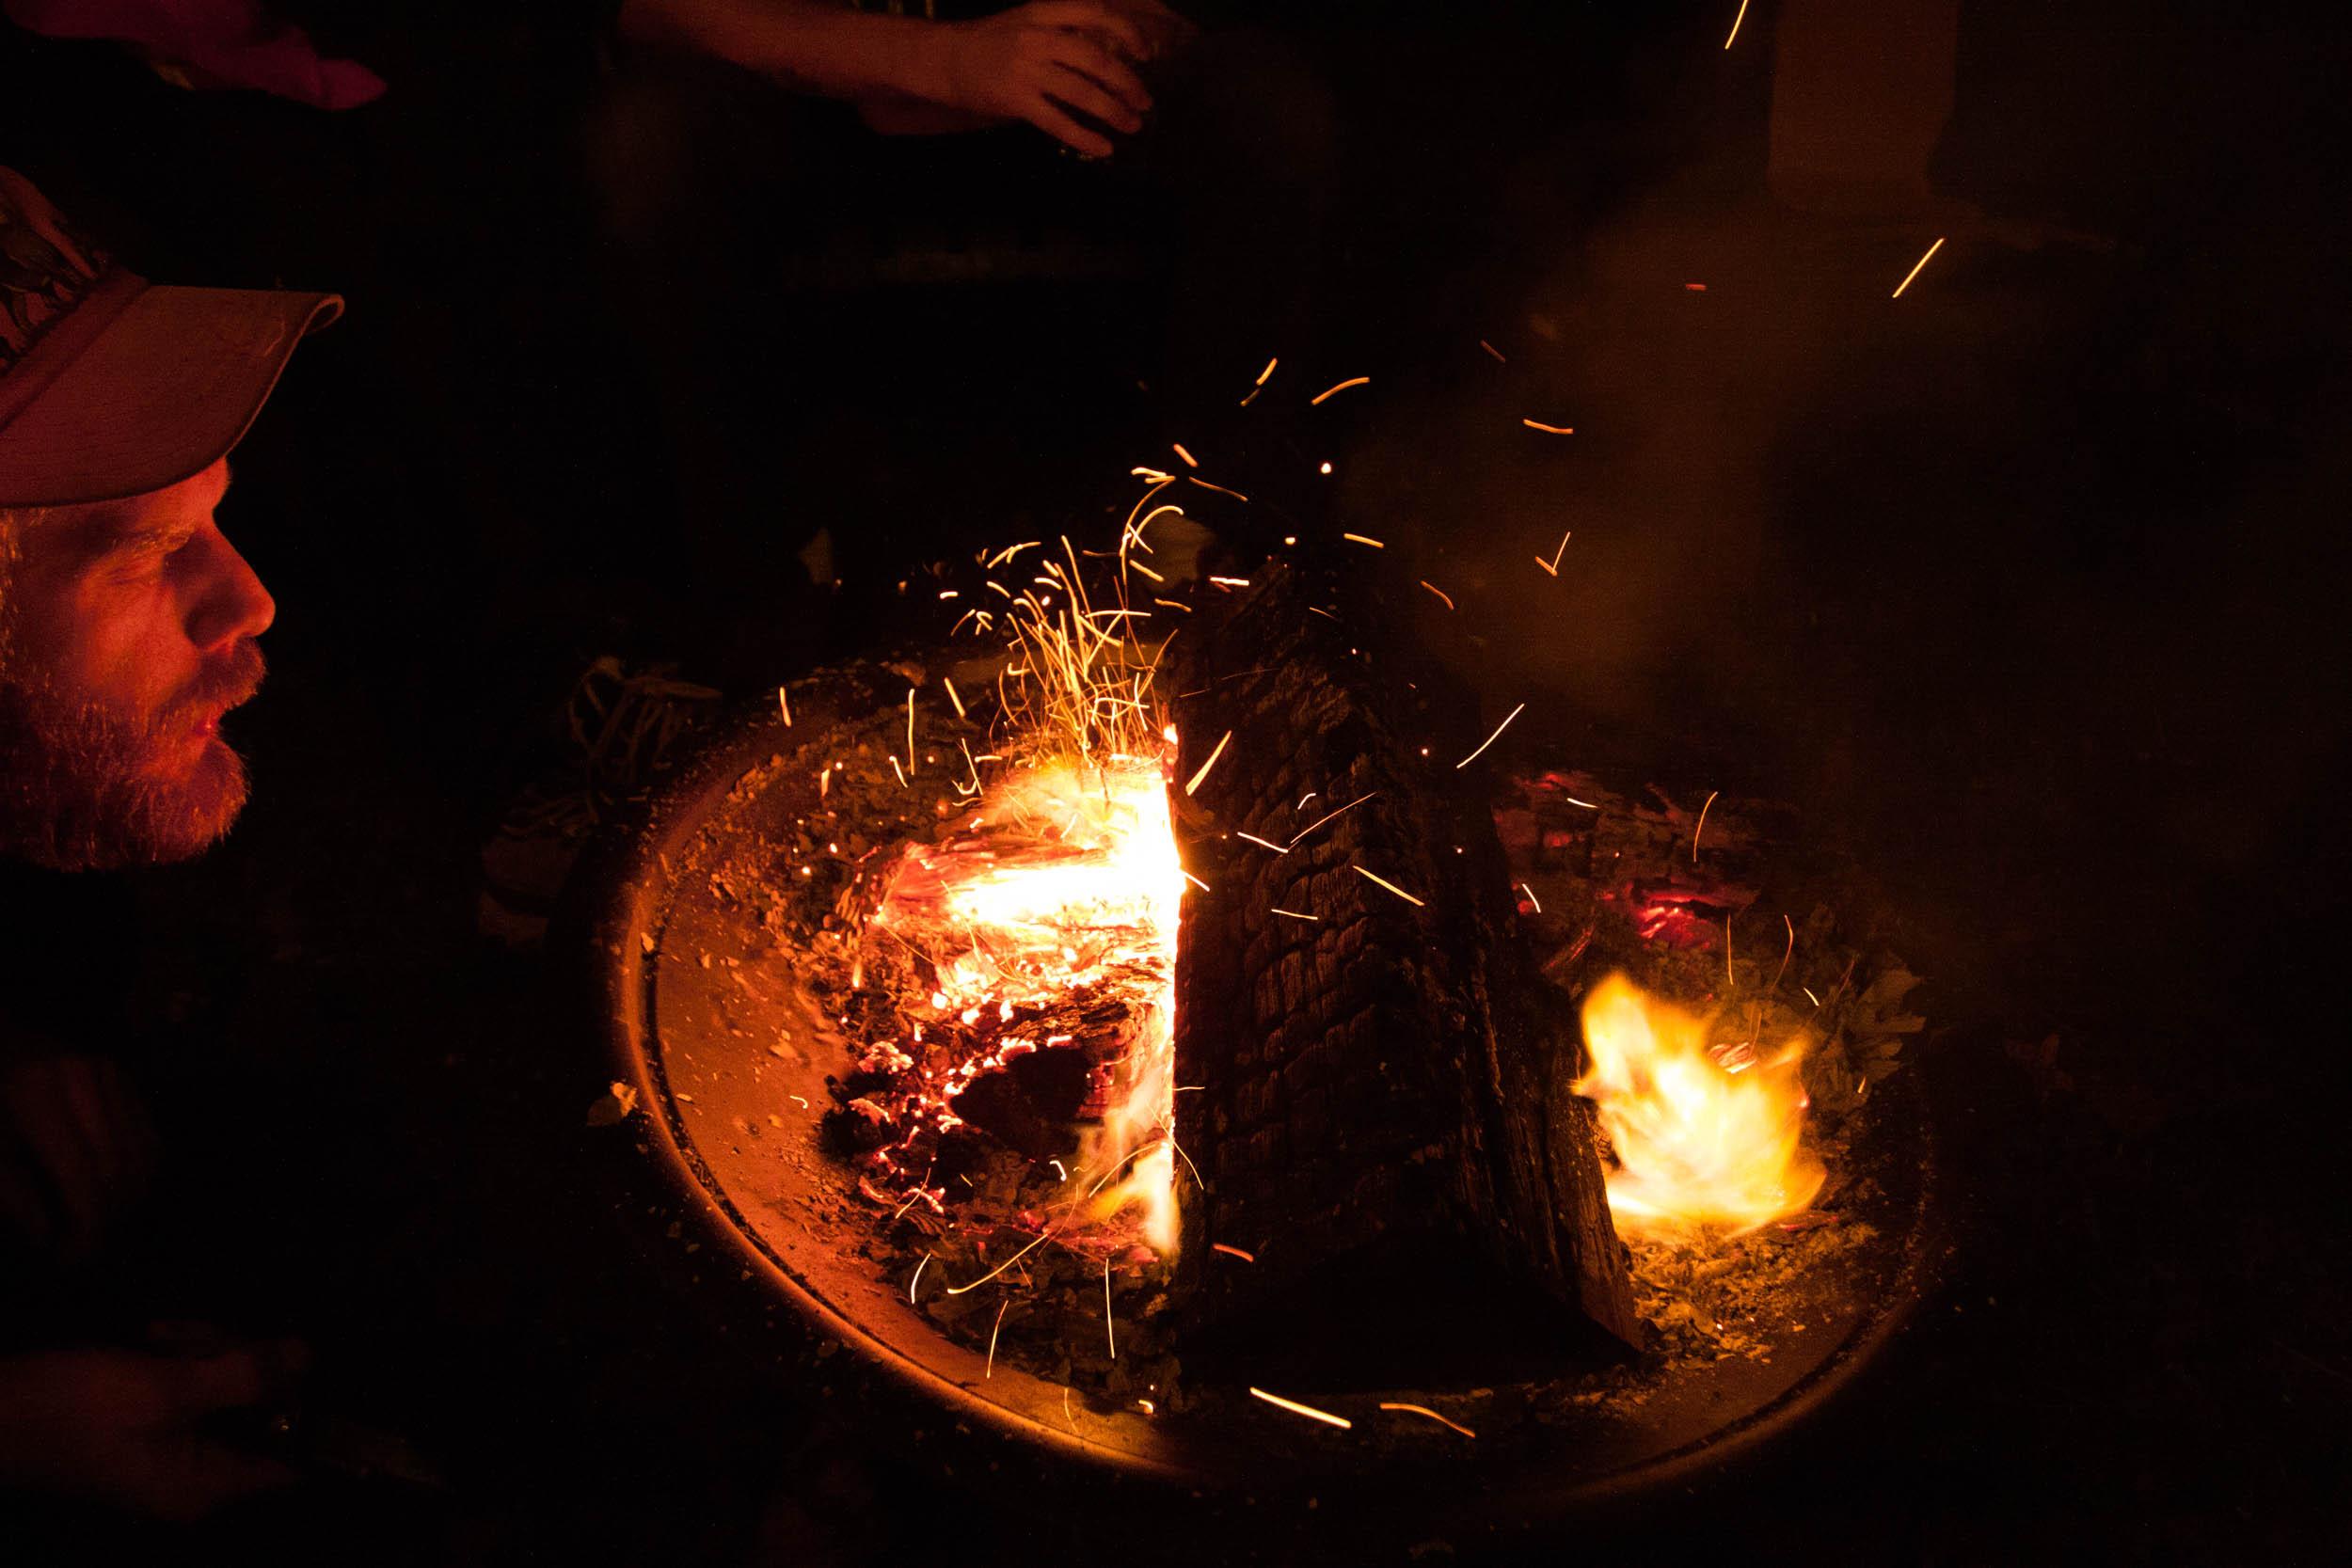 fire_029.jpg